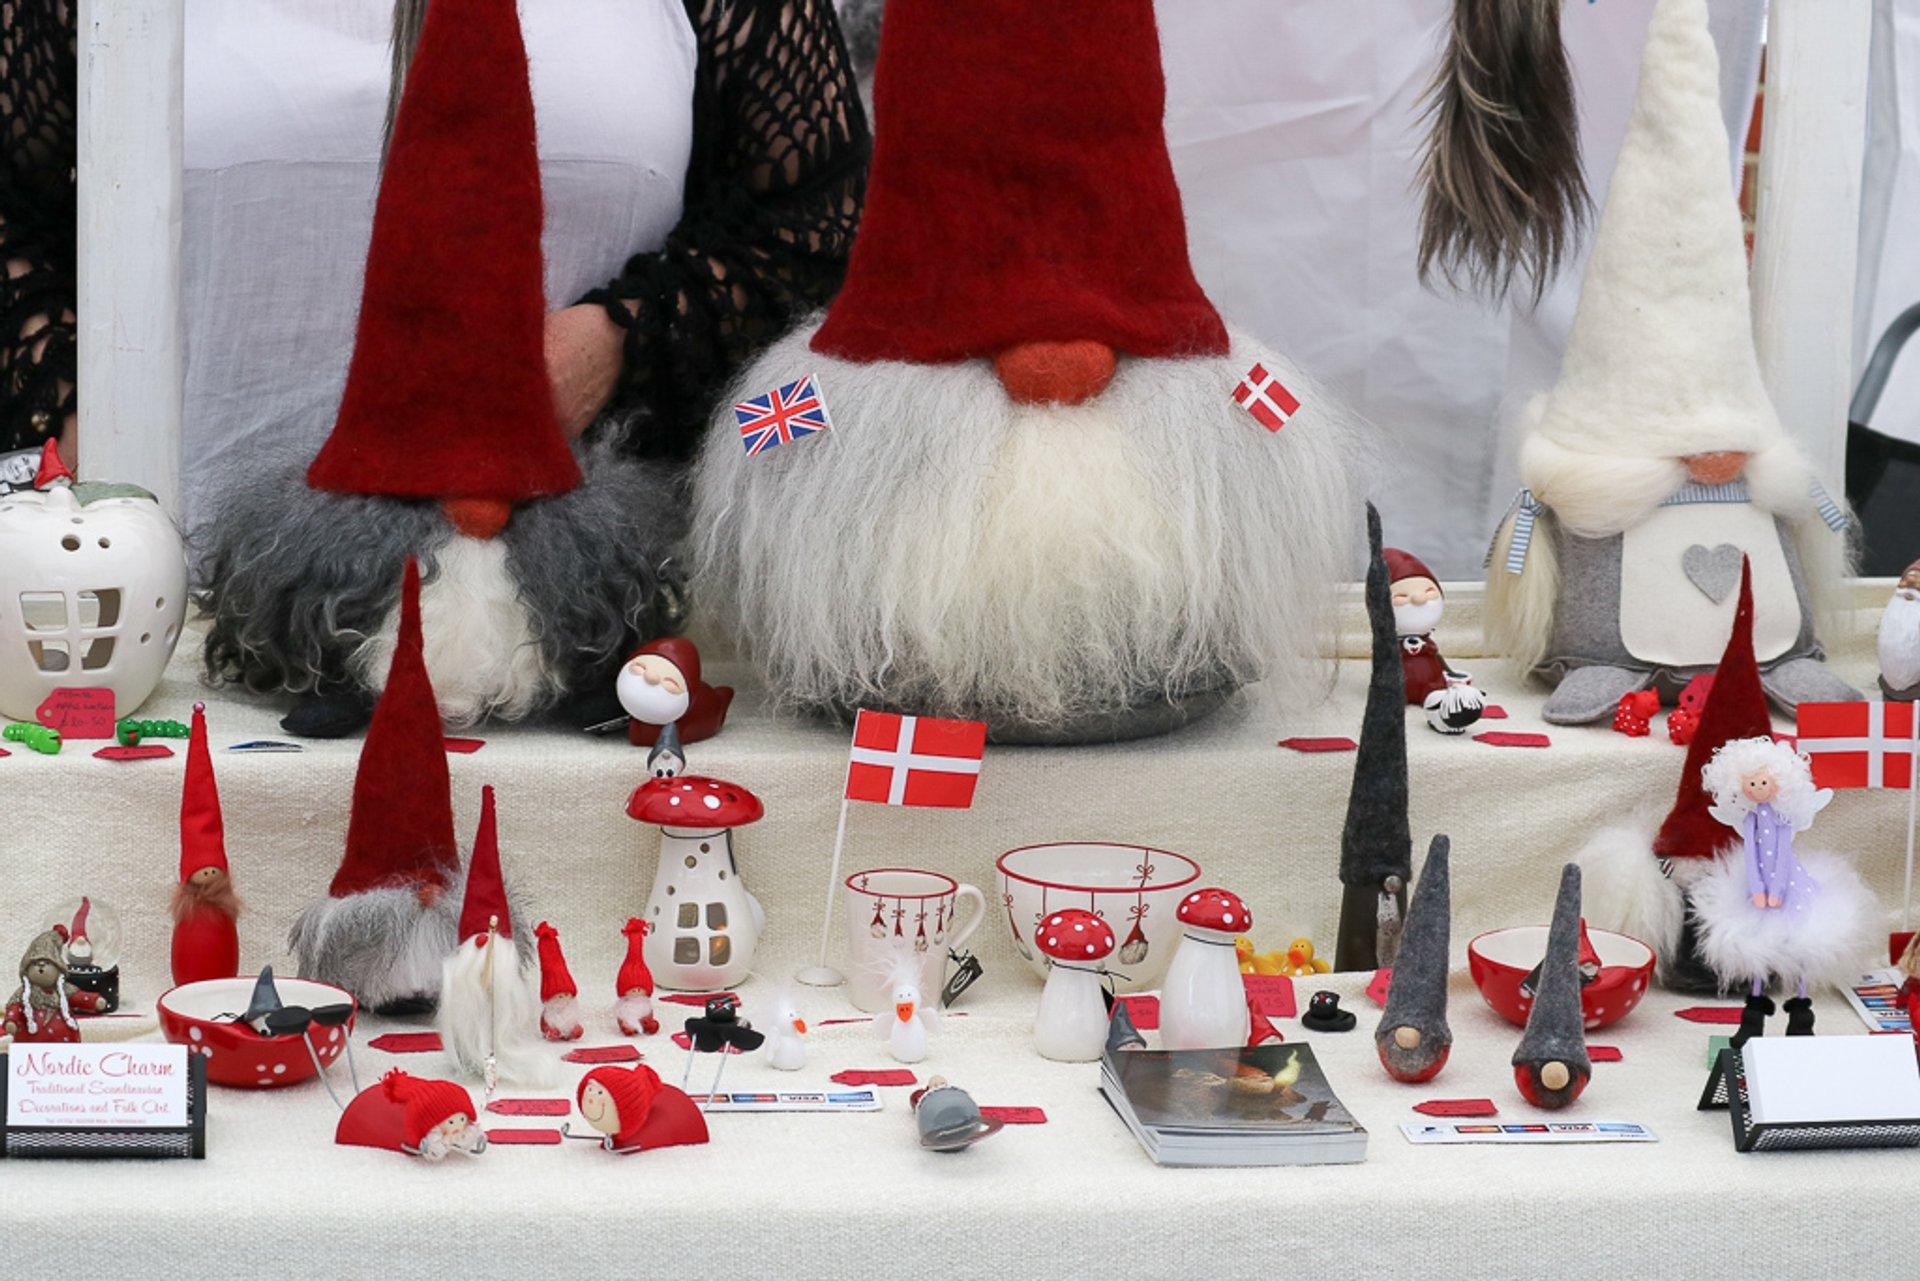 Scandinavian Christmas Market 2020